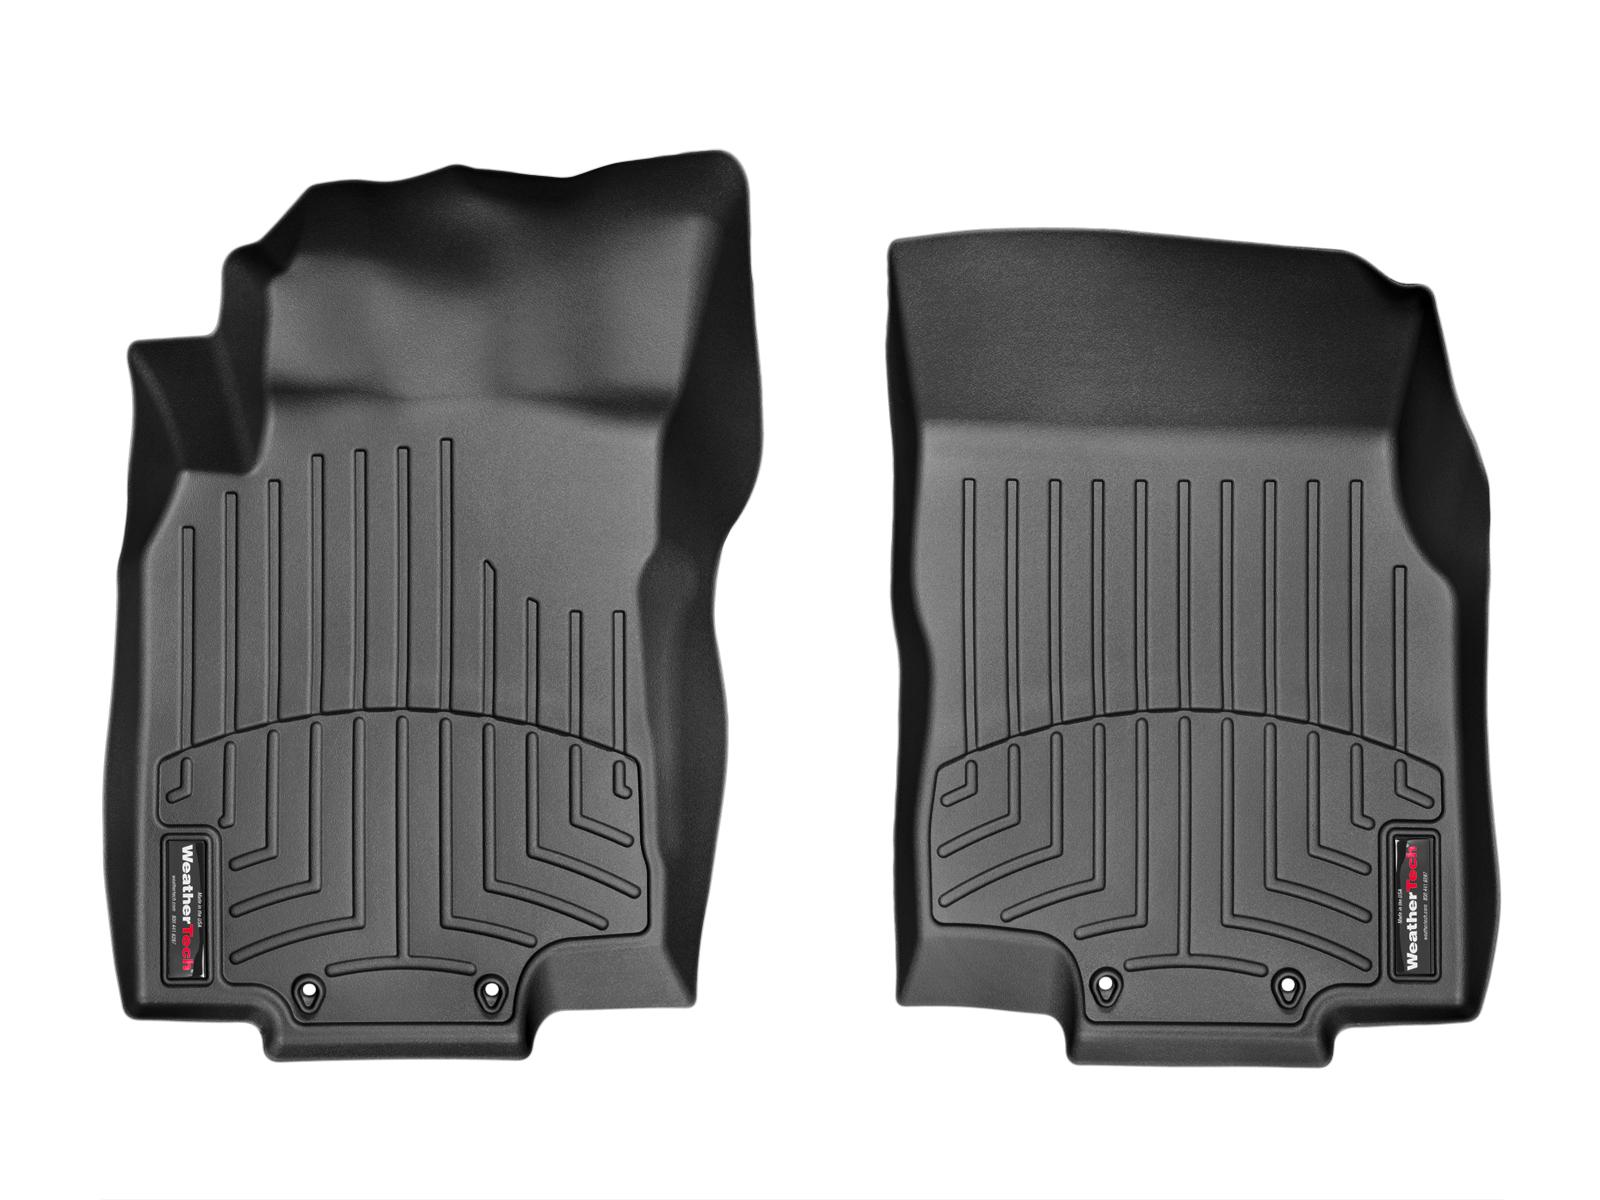 Tappeti gomma su misura bordo alto Nissan X-Trail 14>14 Nero A2938